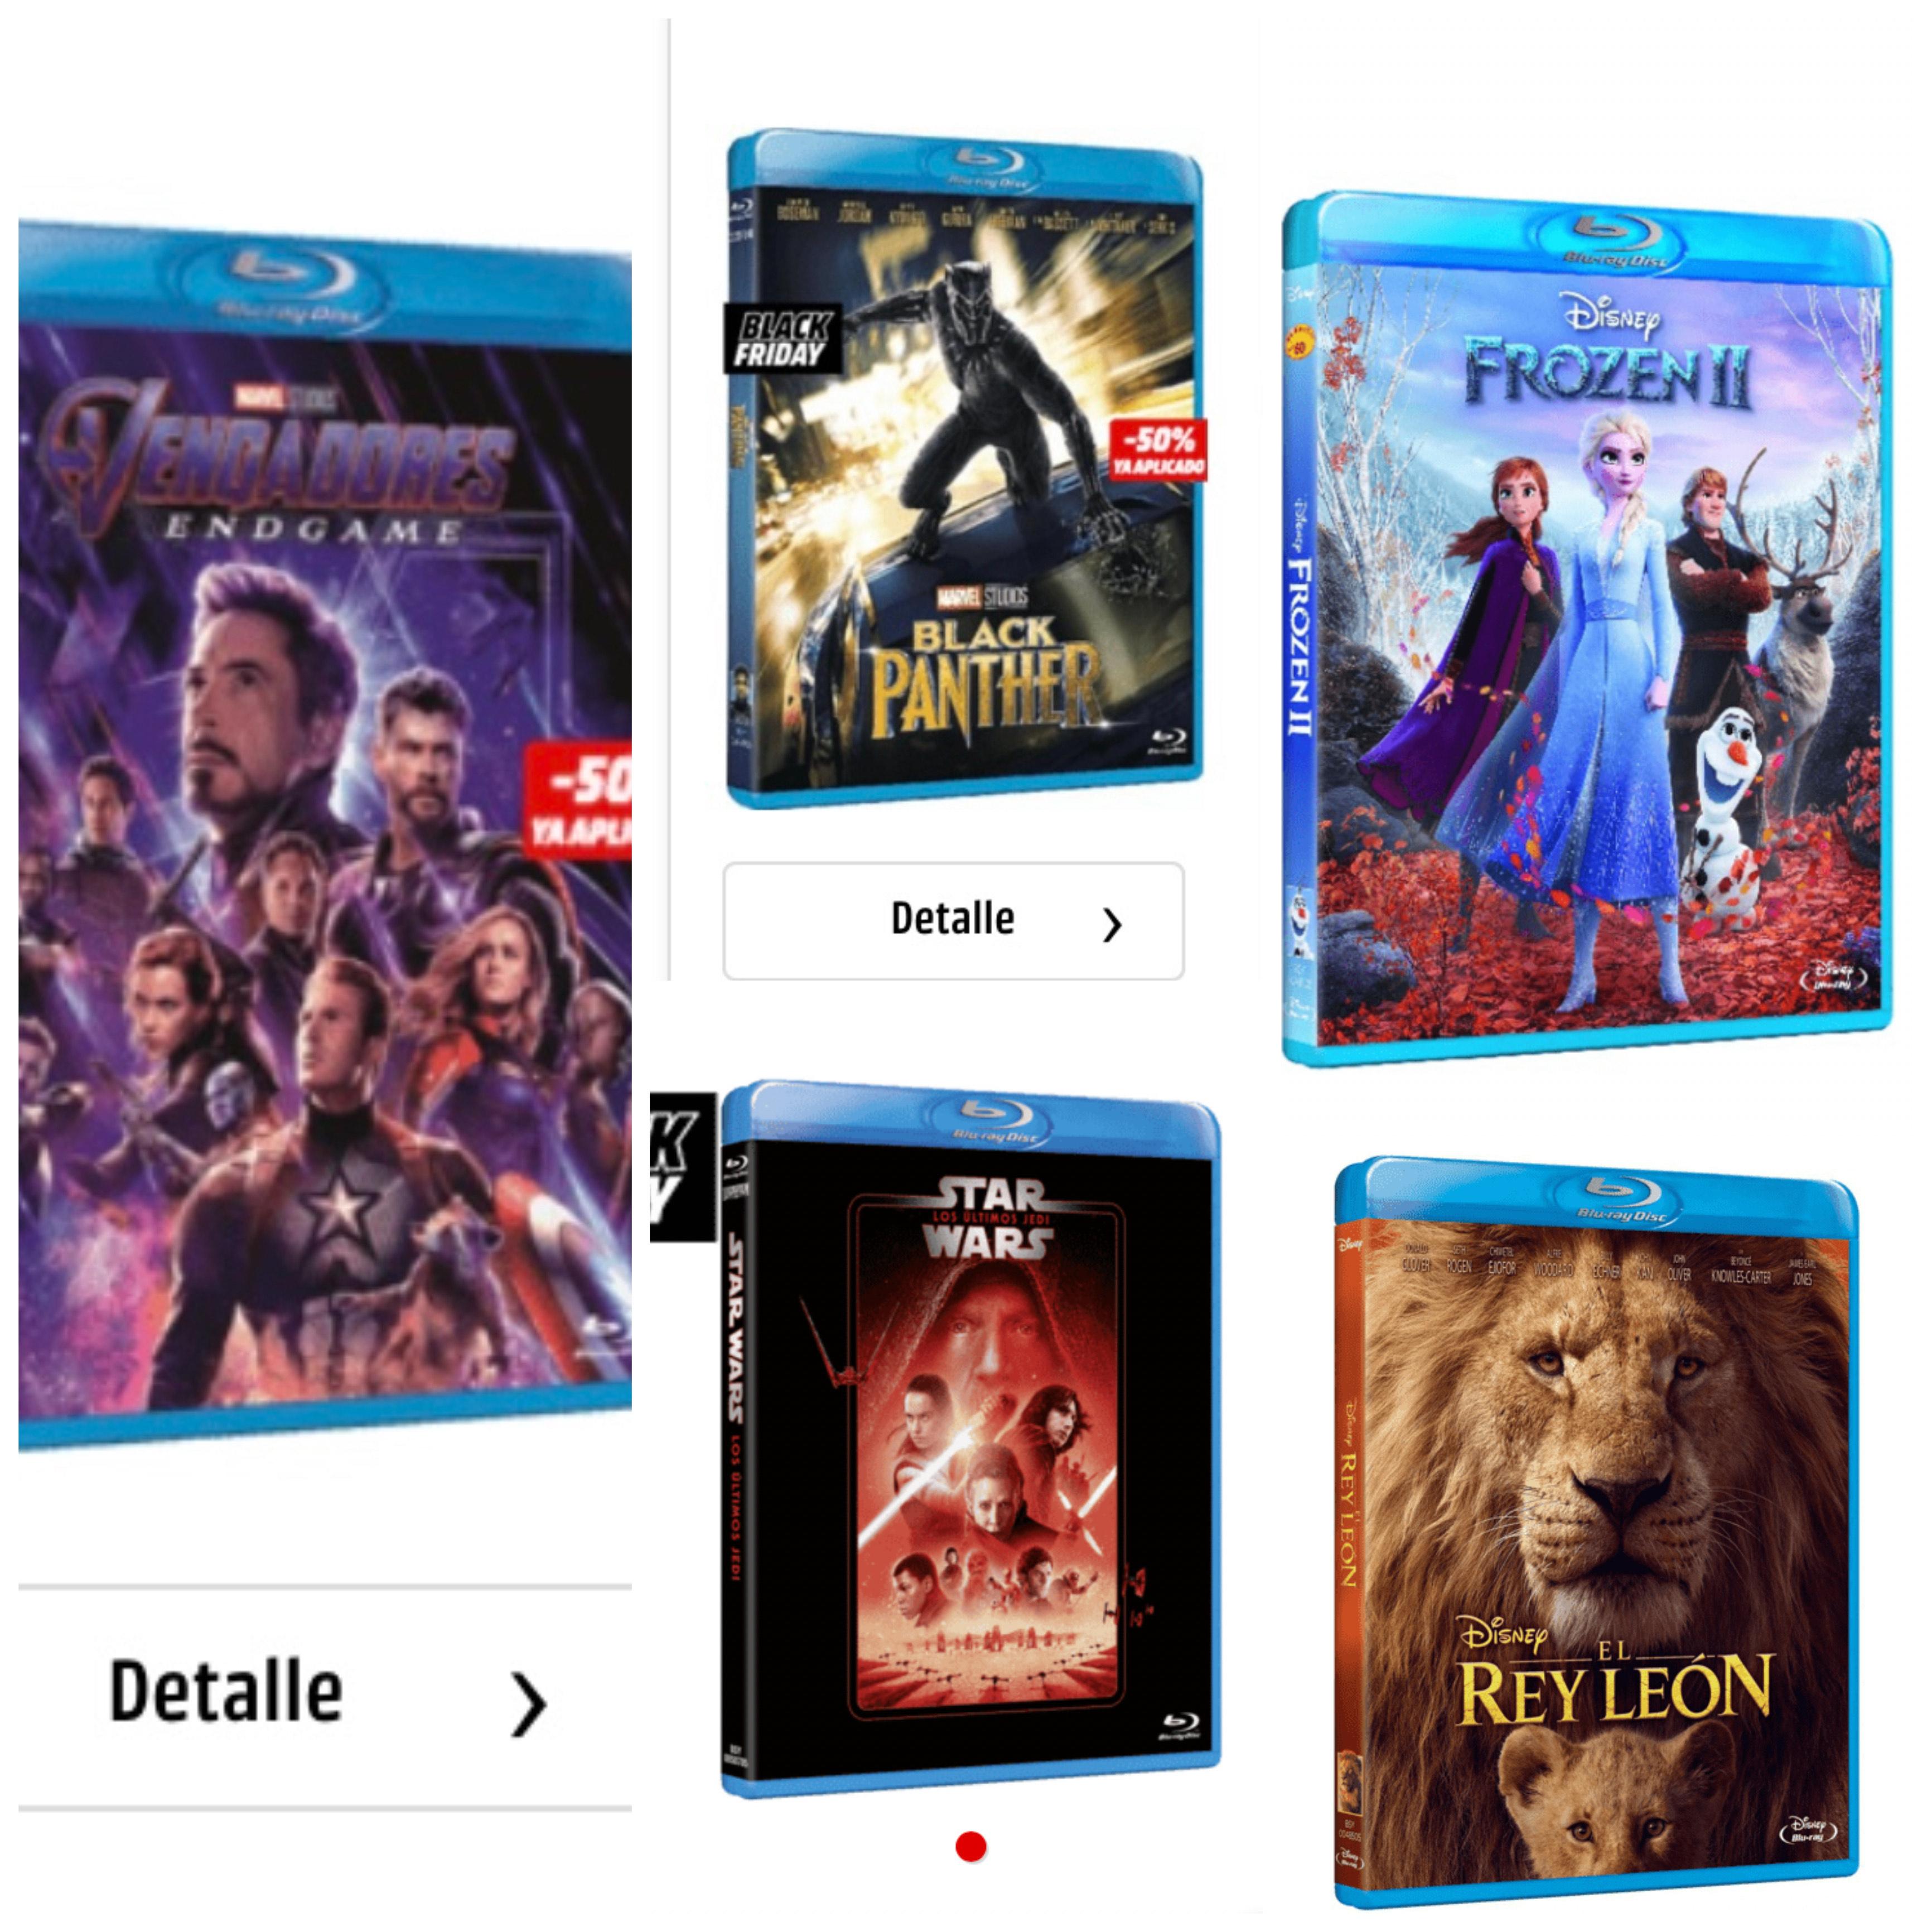 Colección Peliculas Disney Blu-Ray (incluidos vengadores, star wars etc)